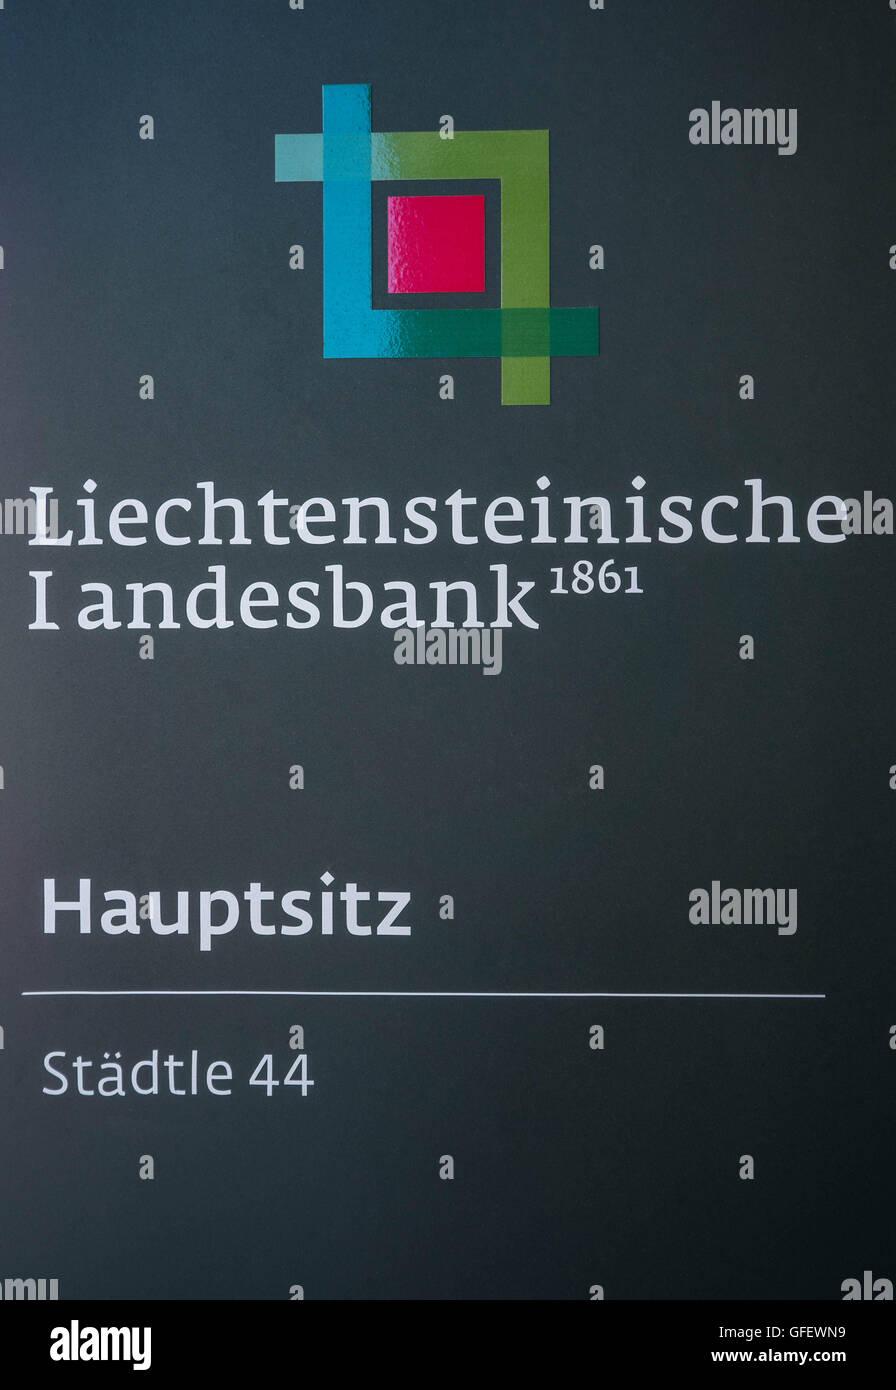 Head office Liechtensteinische Landesbank, Vaduz, Liechtenstein, Europe - Stock Image